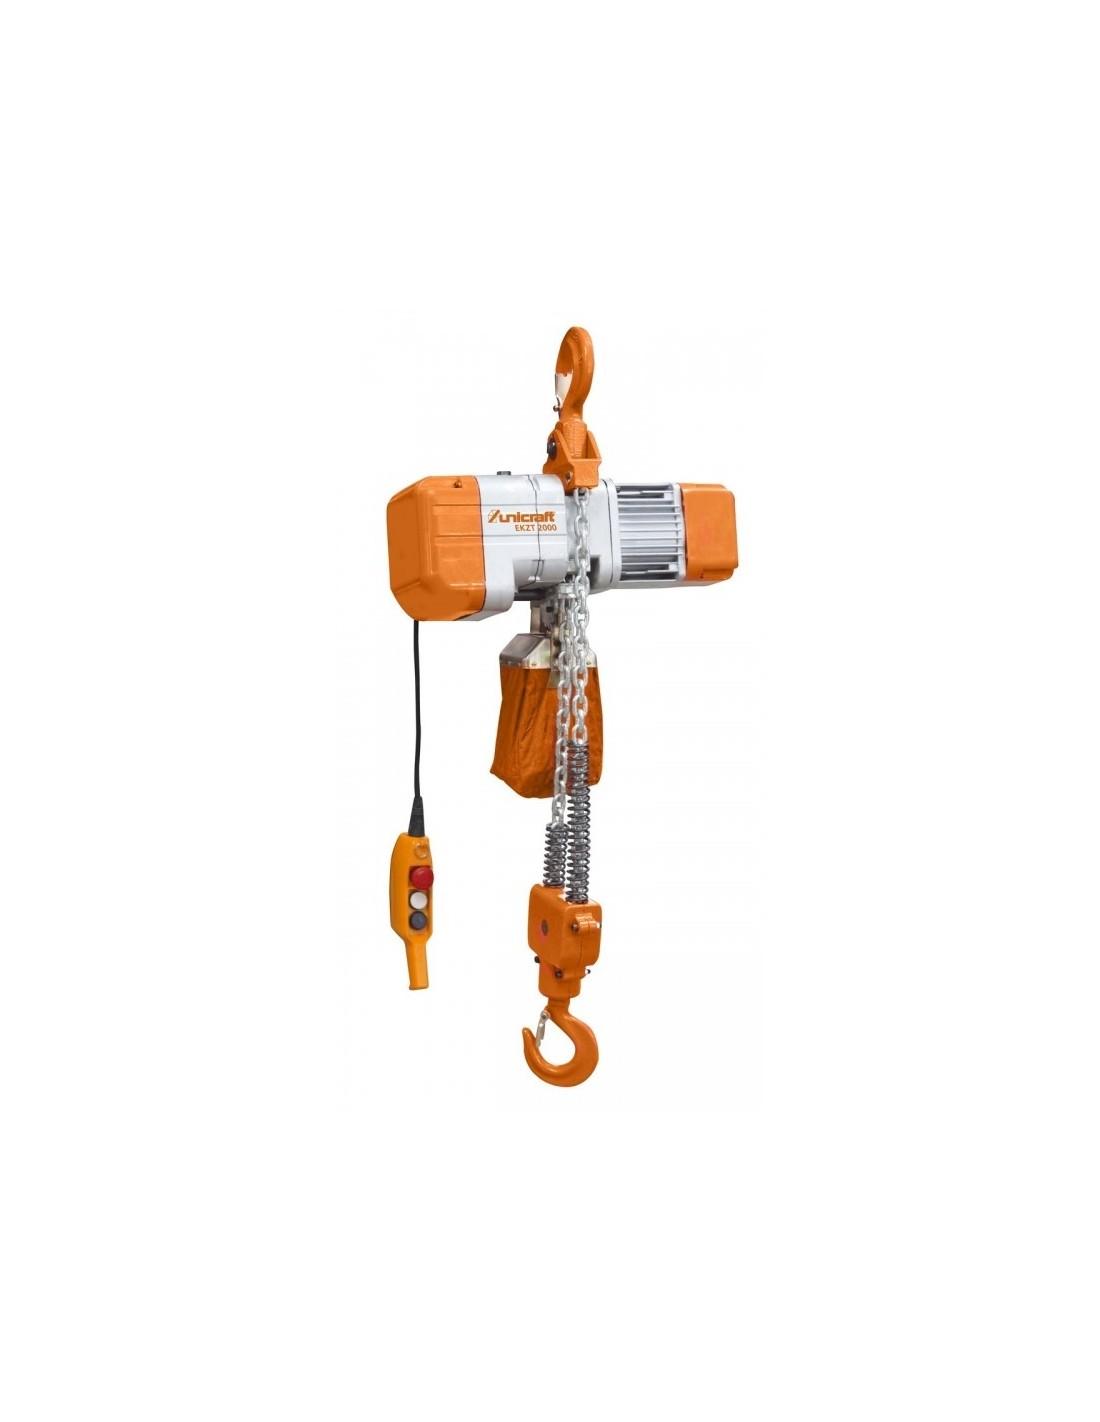 Troliu electric cu lant Unicraft EKZT 500